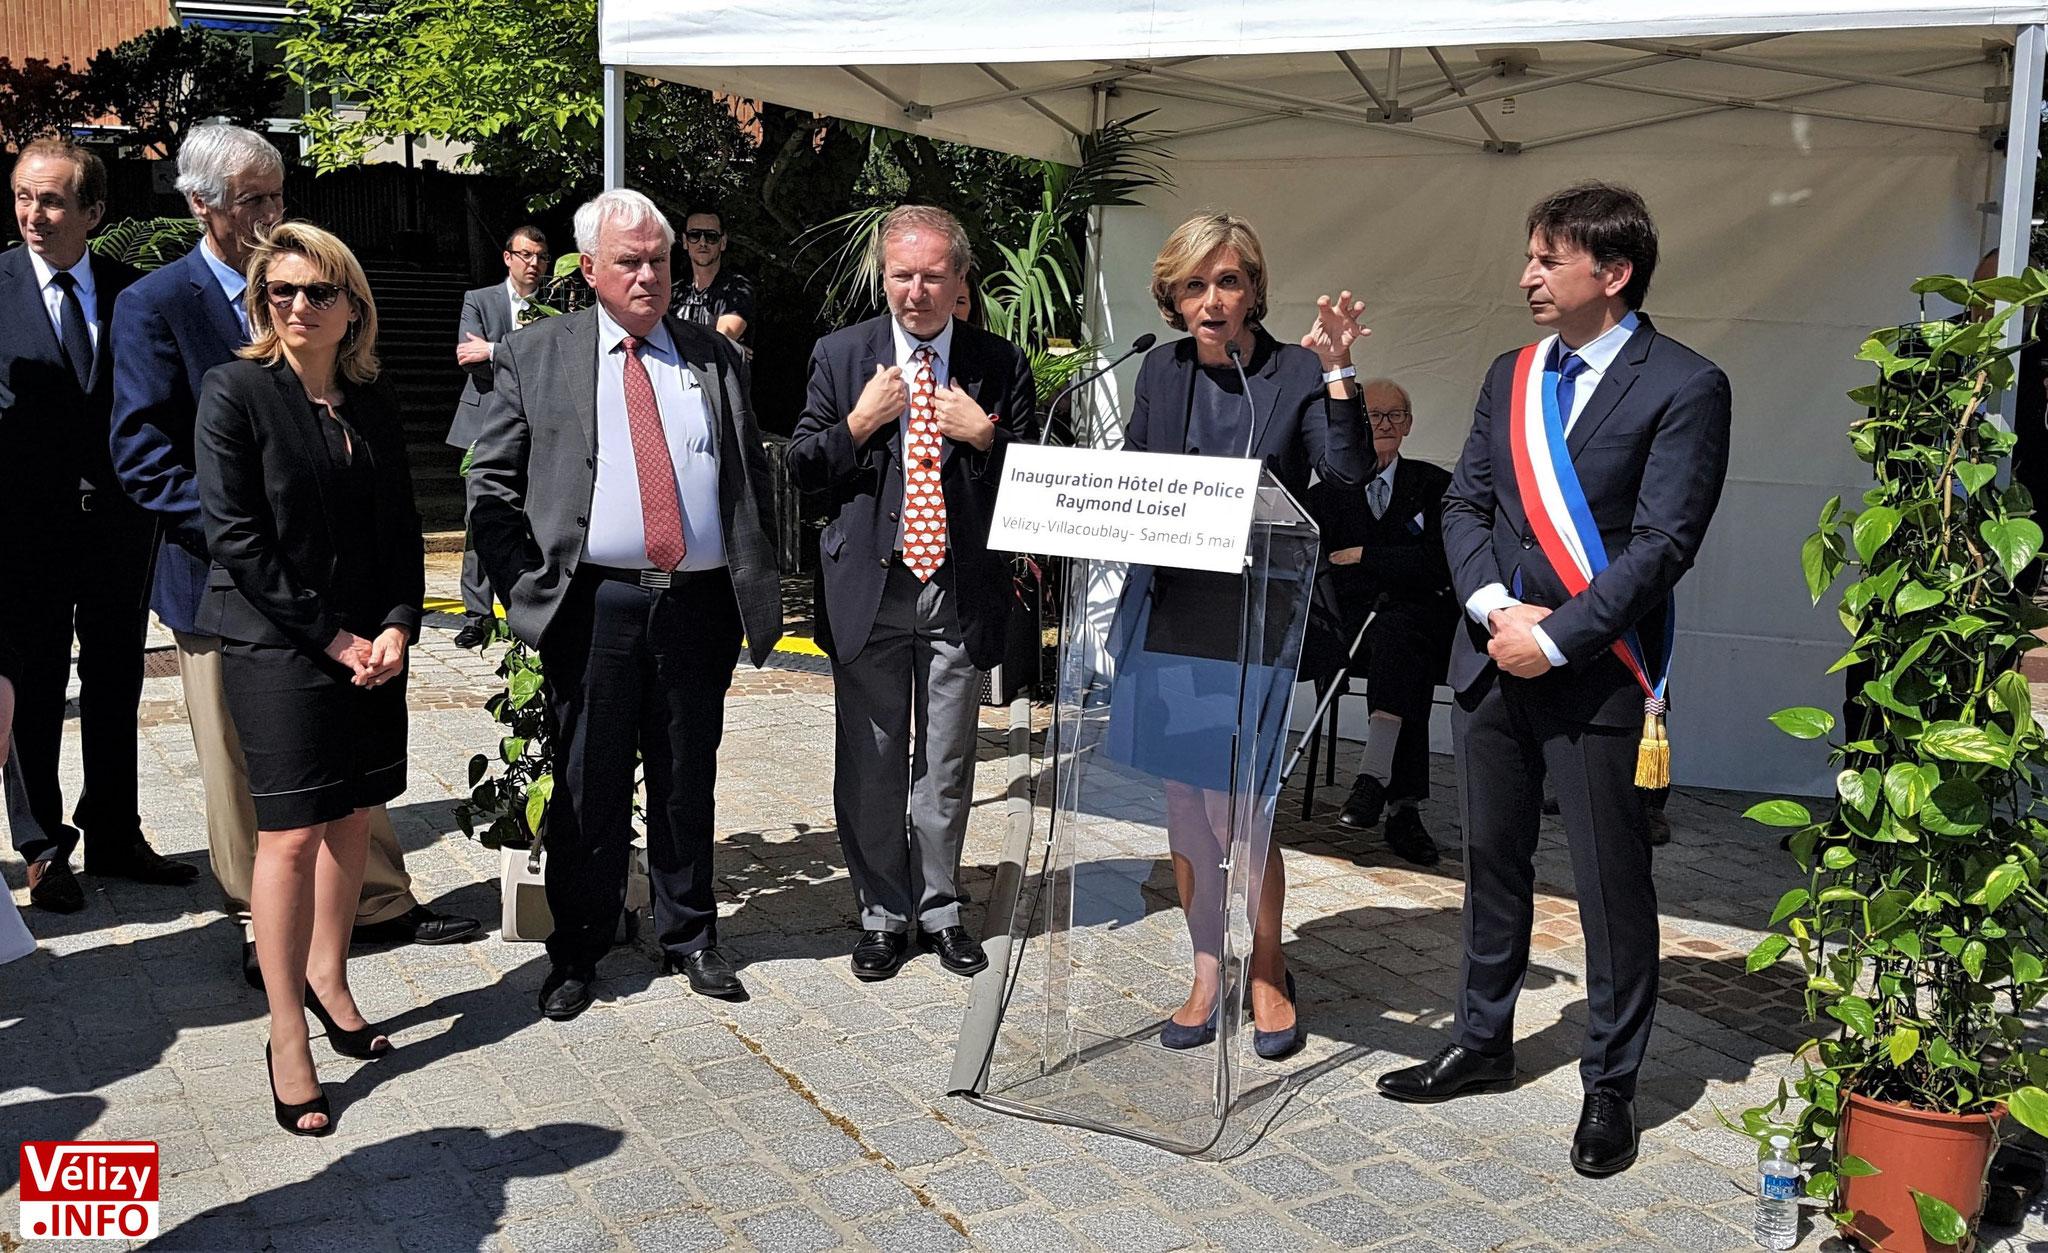 Prise de parole de Valérie Pécresse, présidente du conseil régional d'Île-de-France.